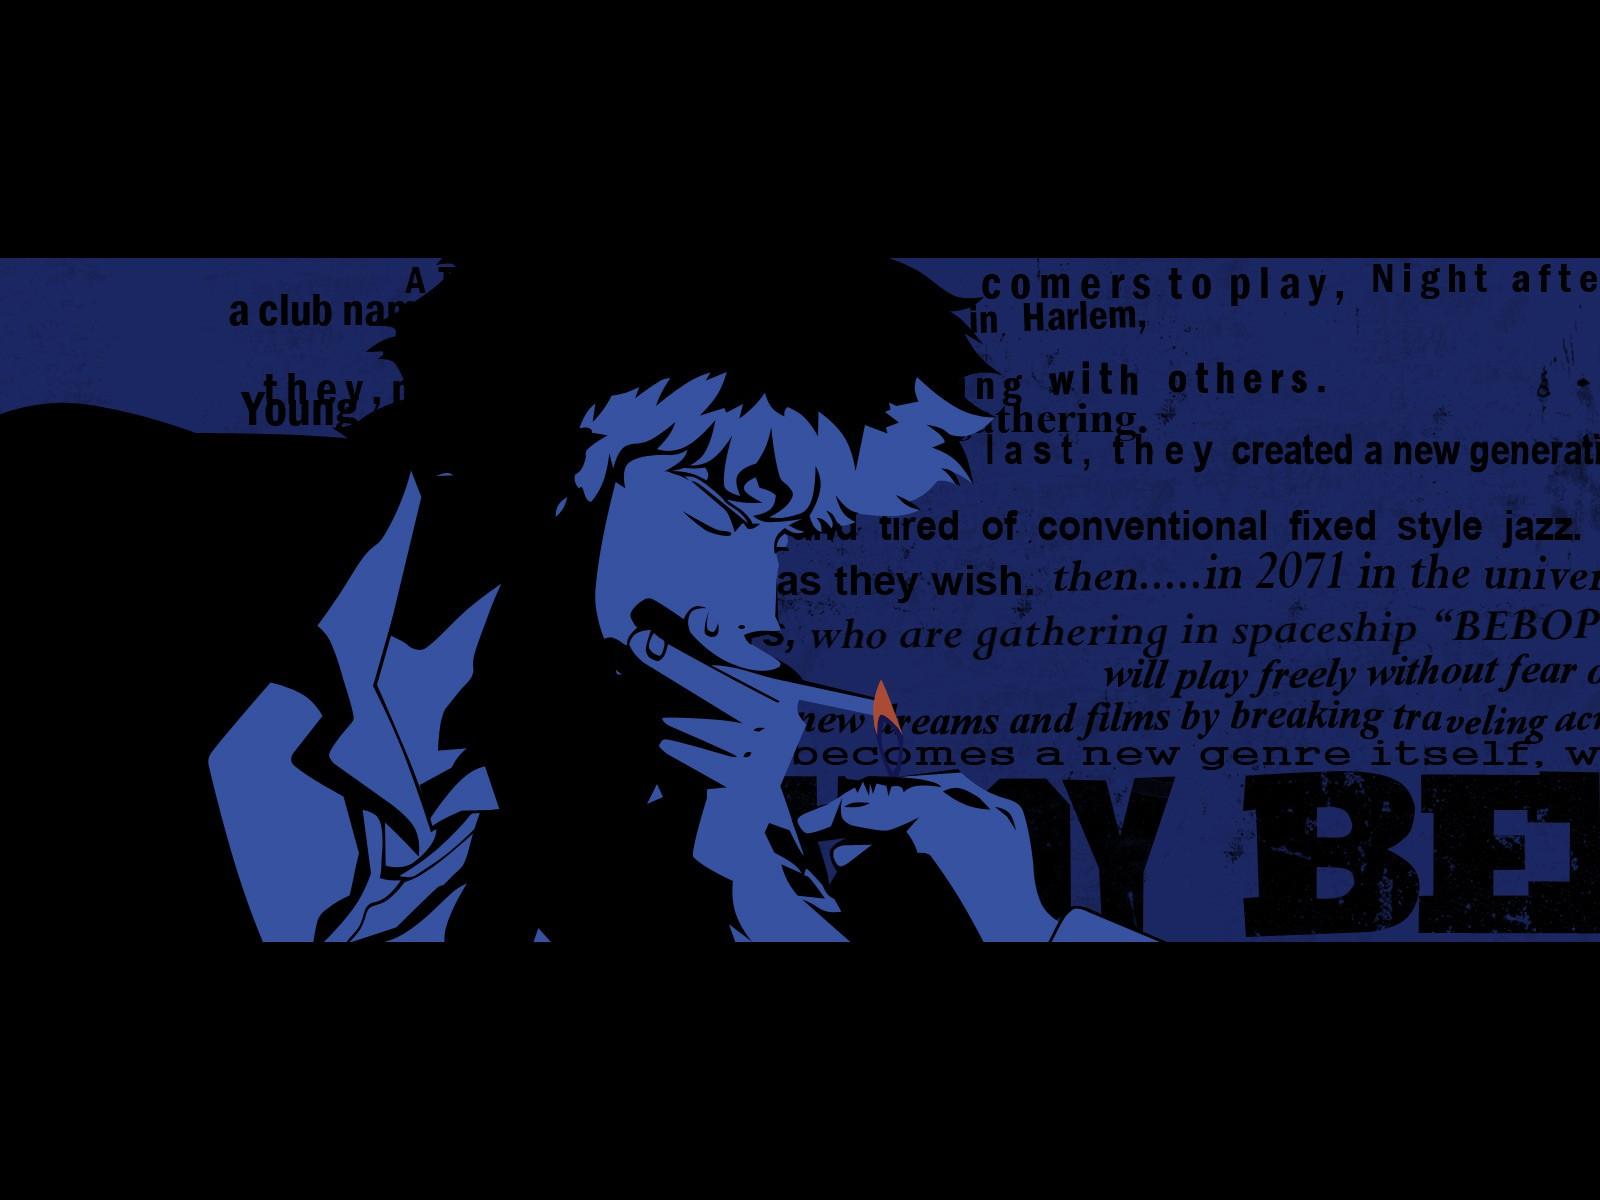 Wallpaper Anime Boys Text Smoking Cartoon Cowboy Bebop Spike Spiegel Screenshot Font 1600x1200 Lodbrok 251282 Hd Wallpapers Wallhere